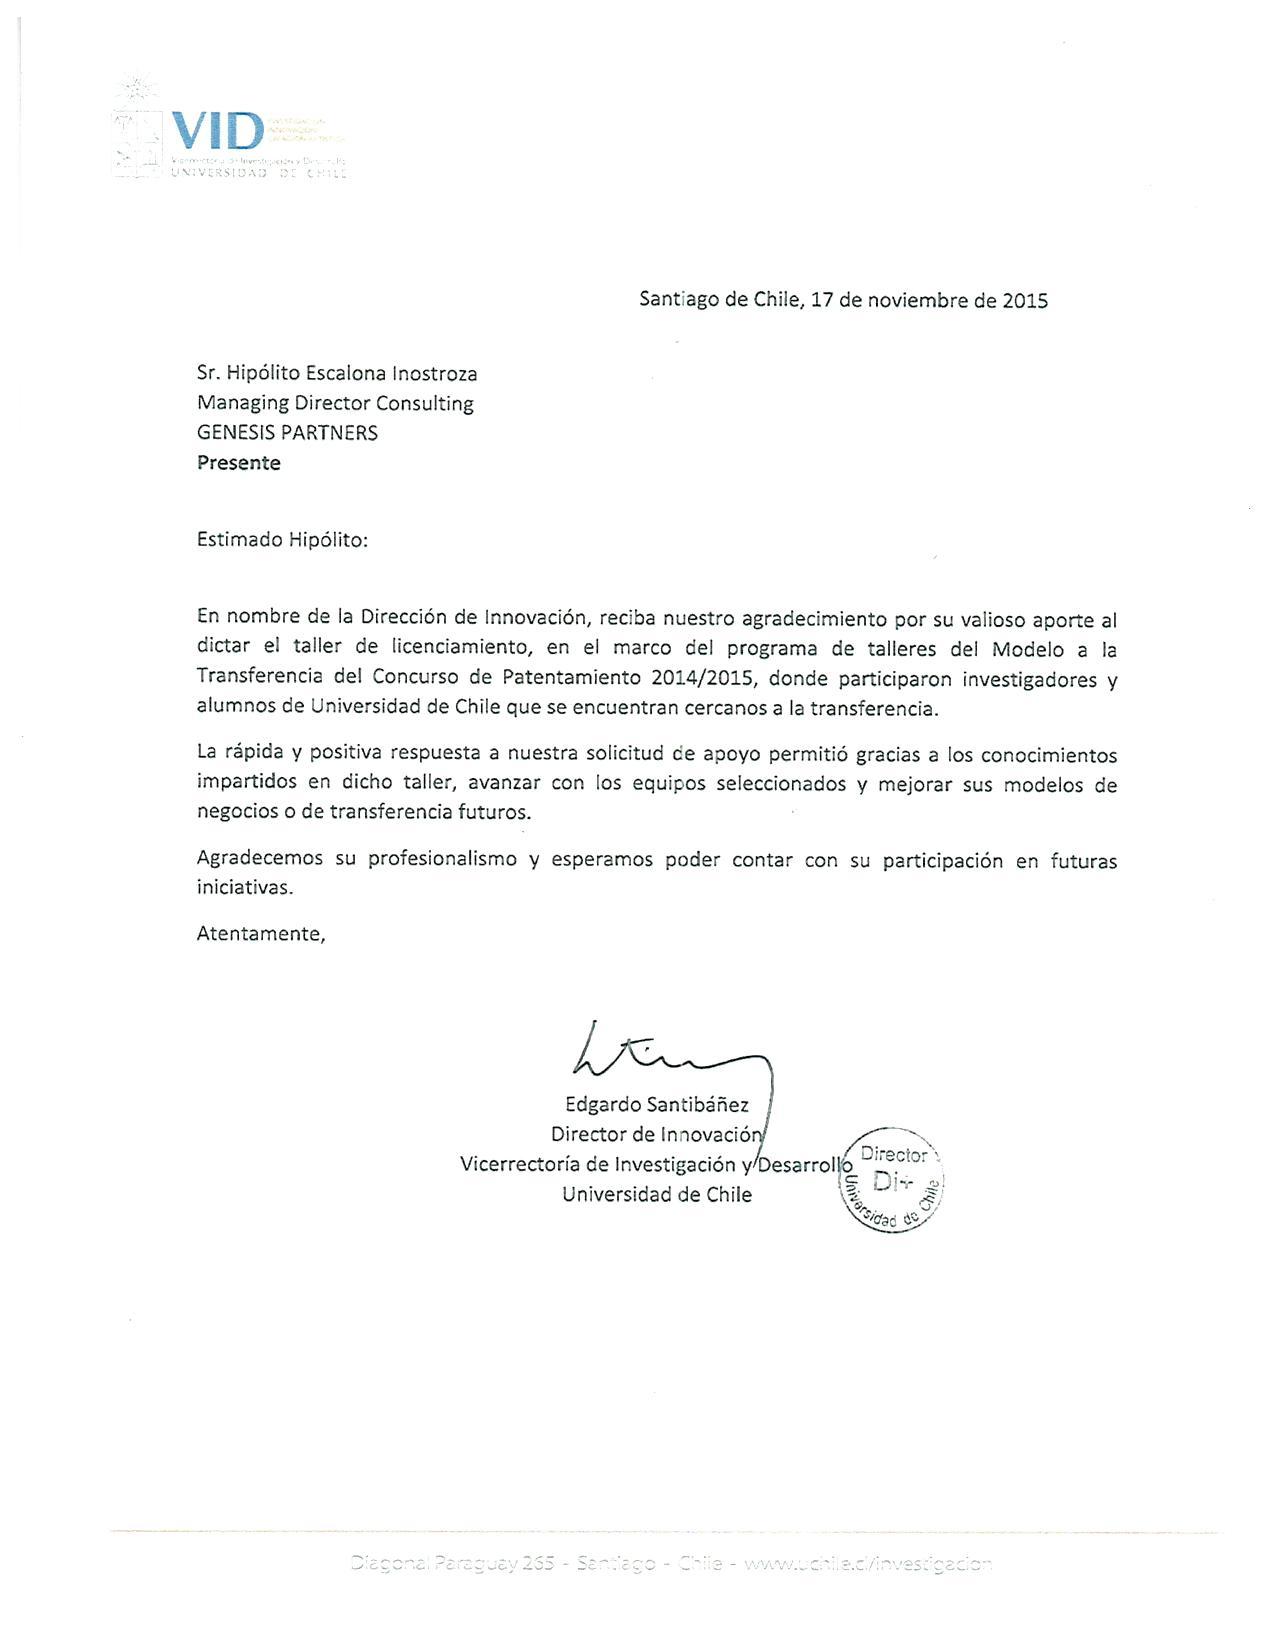 carta de agradecimiento taller de licenciamiento concurso de pantentamiento 20142015 vid universidad de chile a hiplito escalona managing director